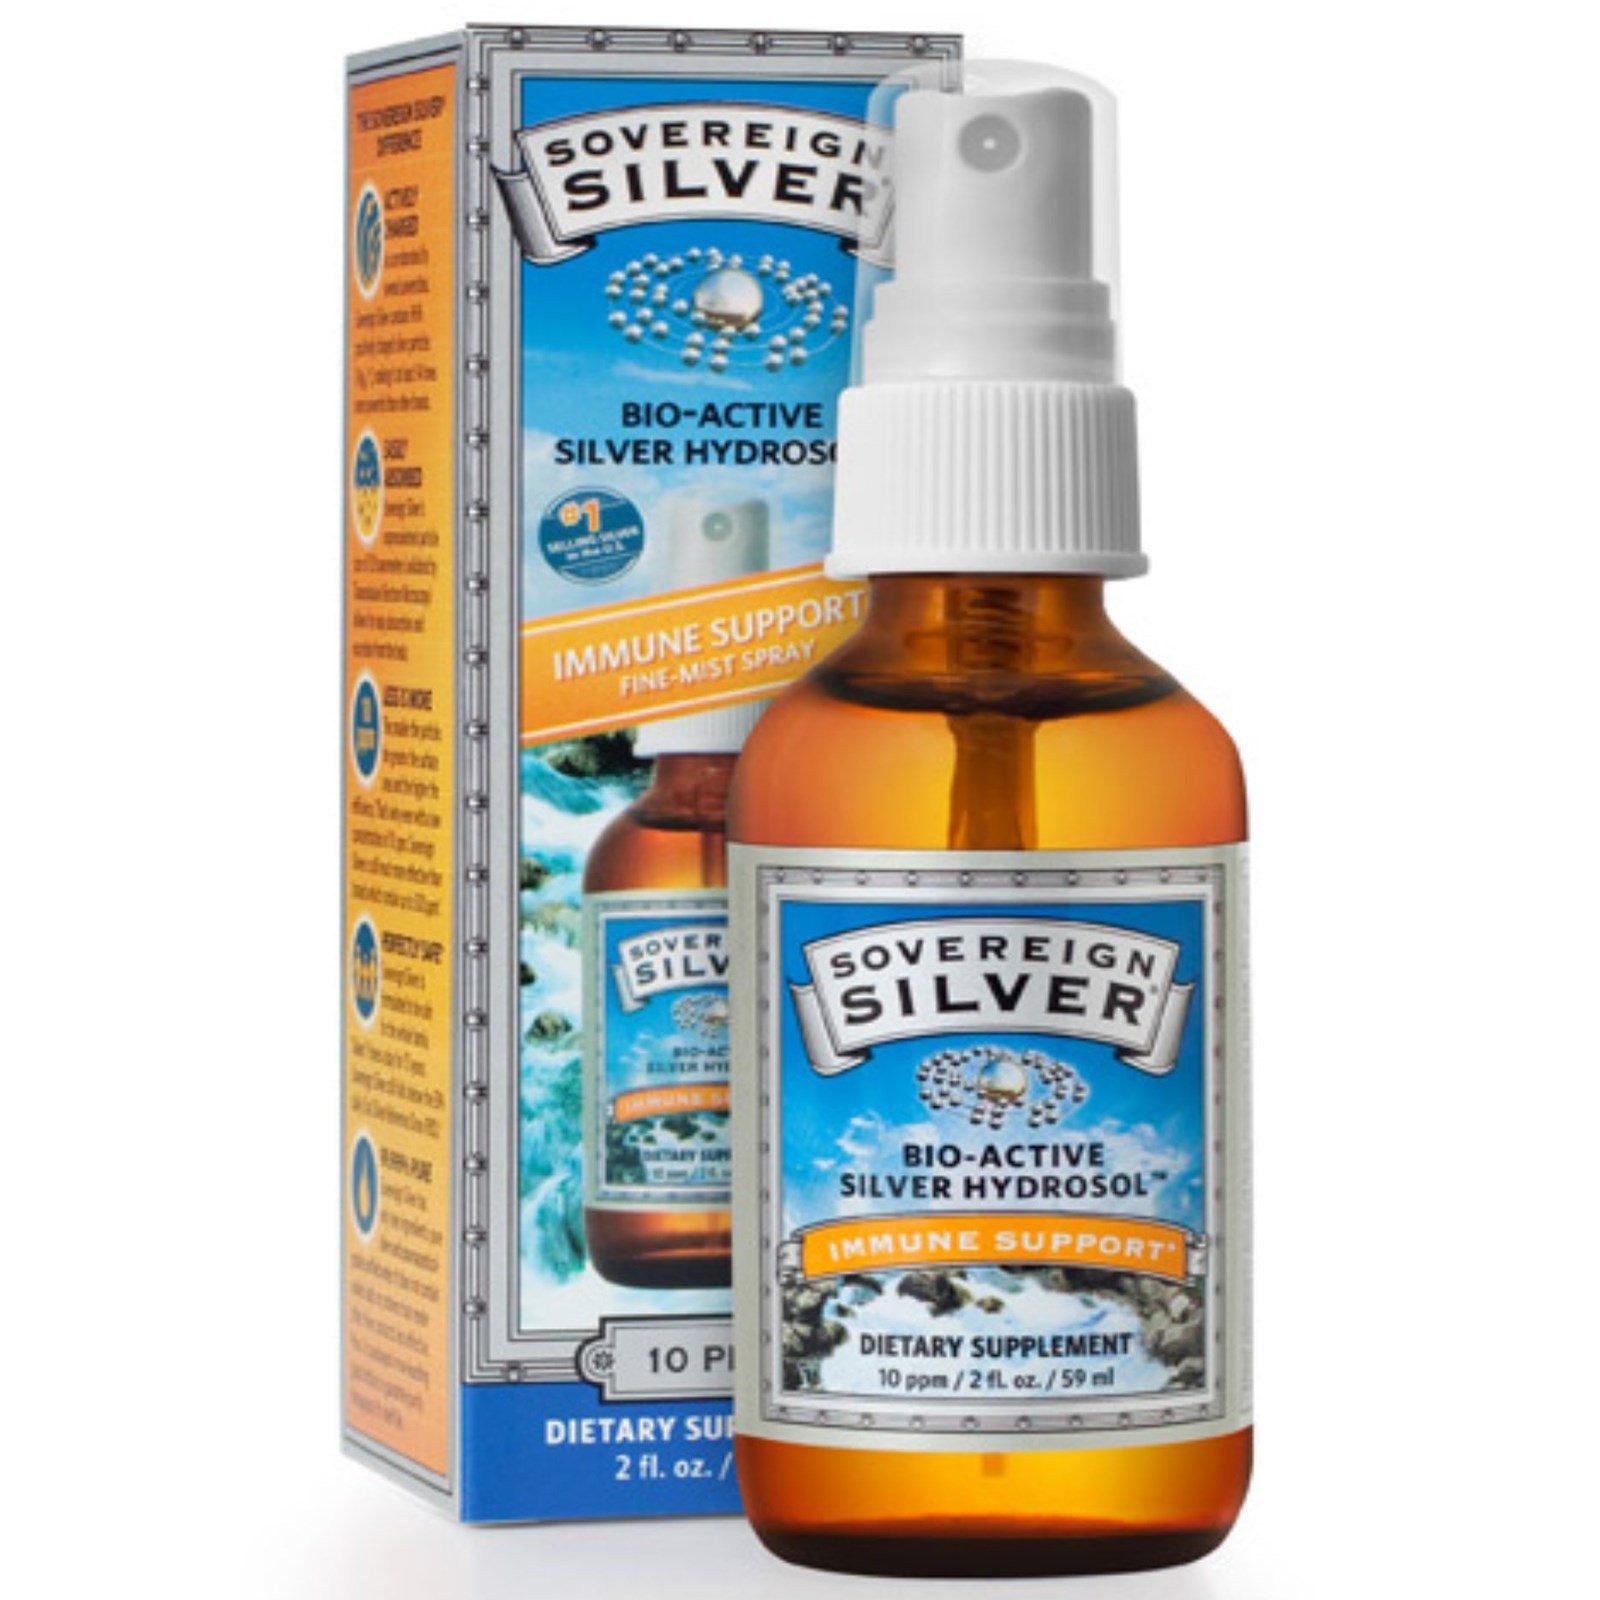 Sovereign Silver, Bio-Active Silver Hydrosol, Immune Support, Fine-Mist Spray, 10 ppm, 2 fl oz (59 mL)